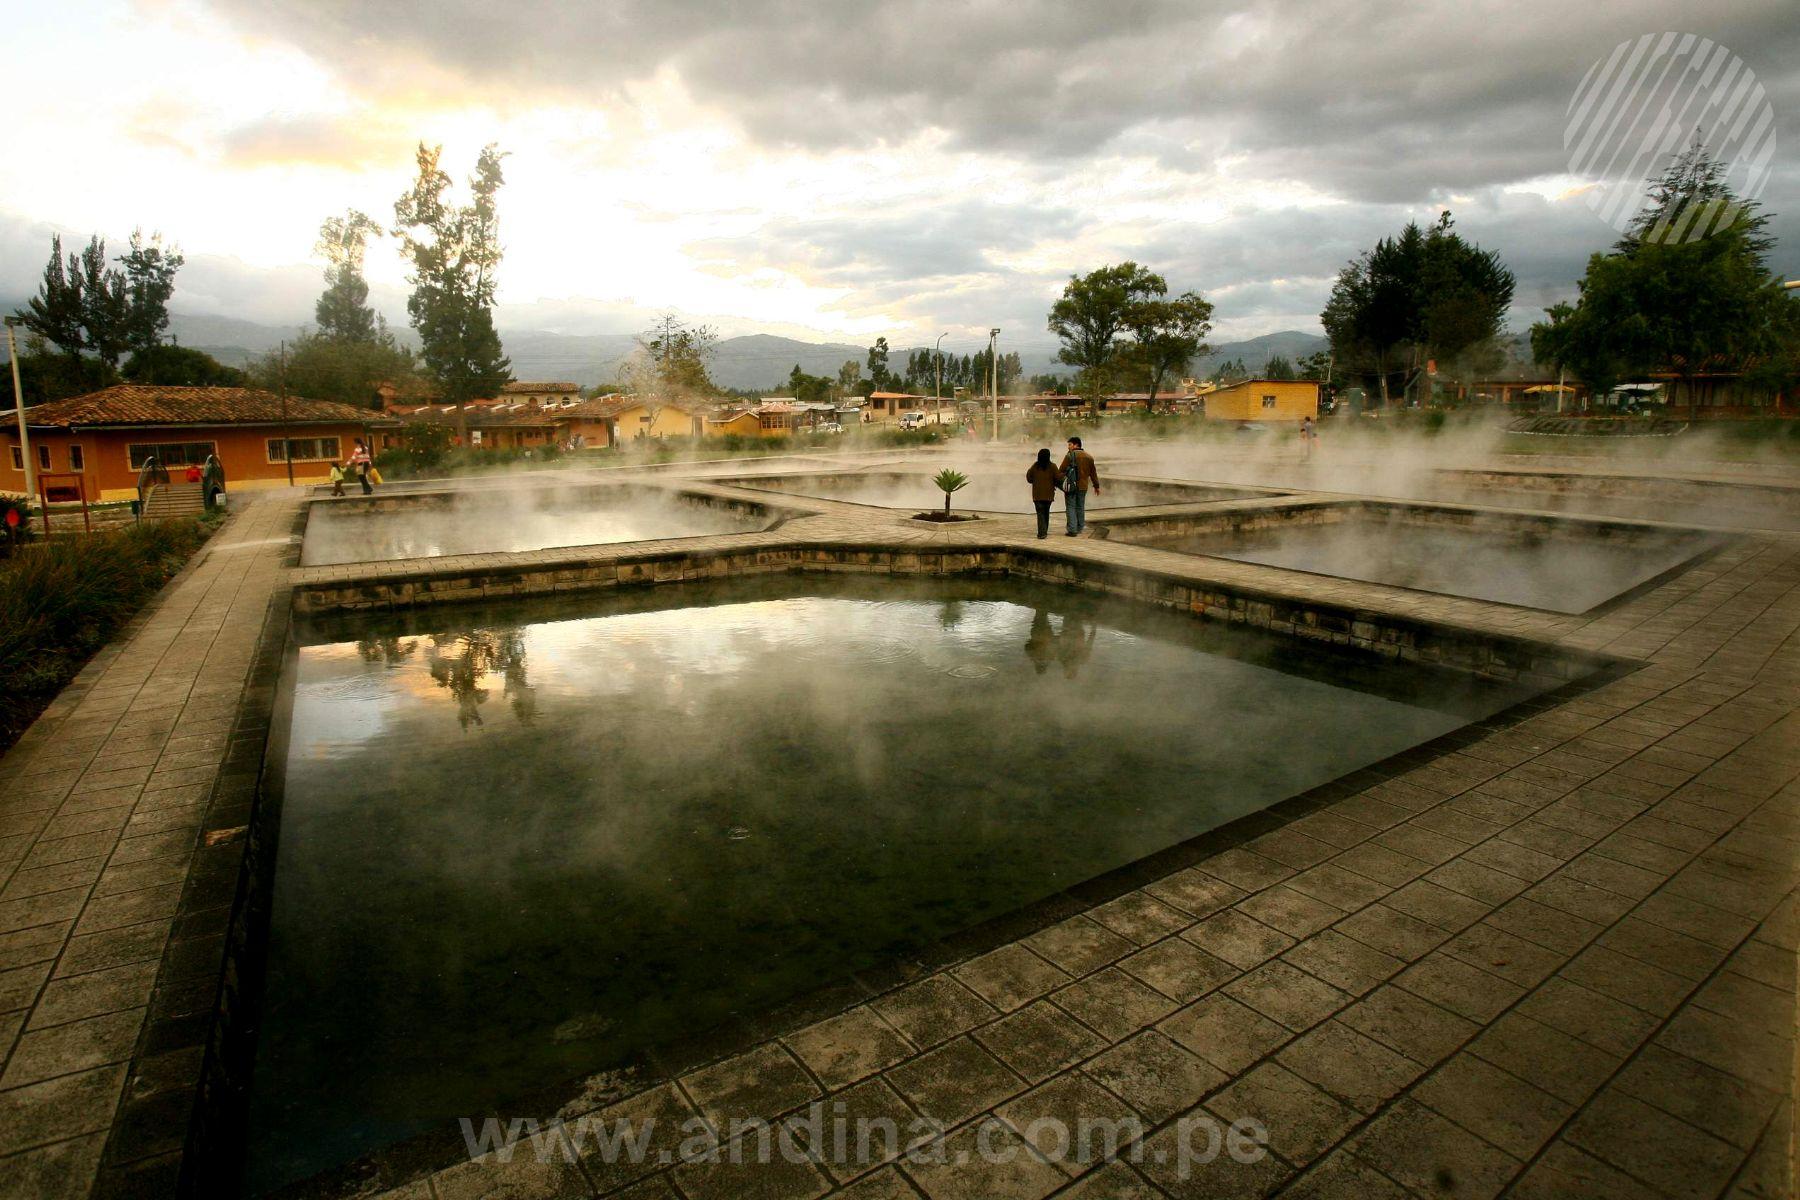 Operadores turísticos visitarán Baños del Inca, en Cajamarca. Foto: ANDINA/Archivo.